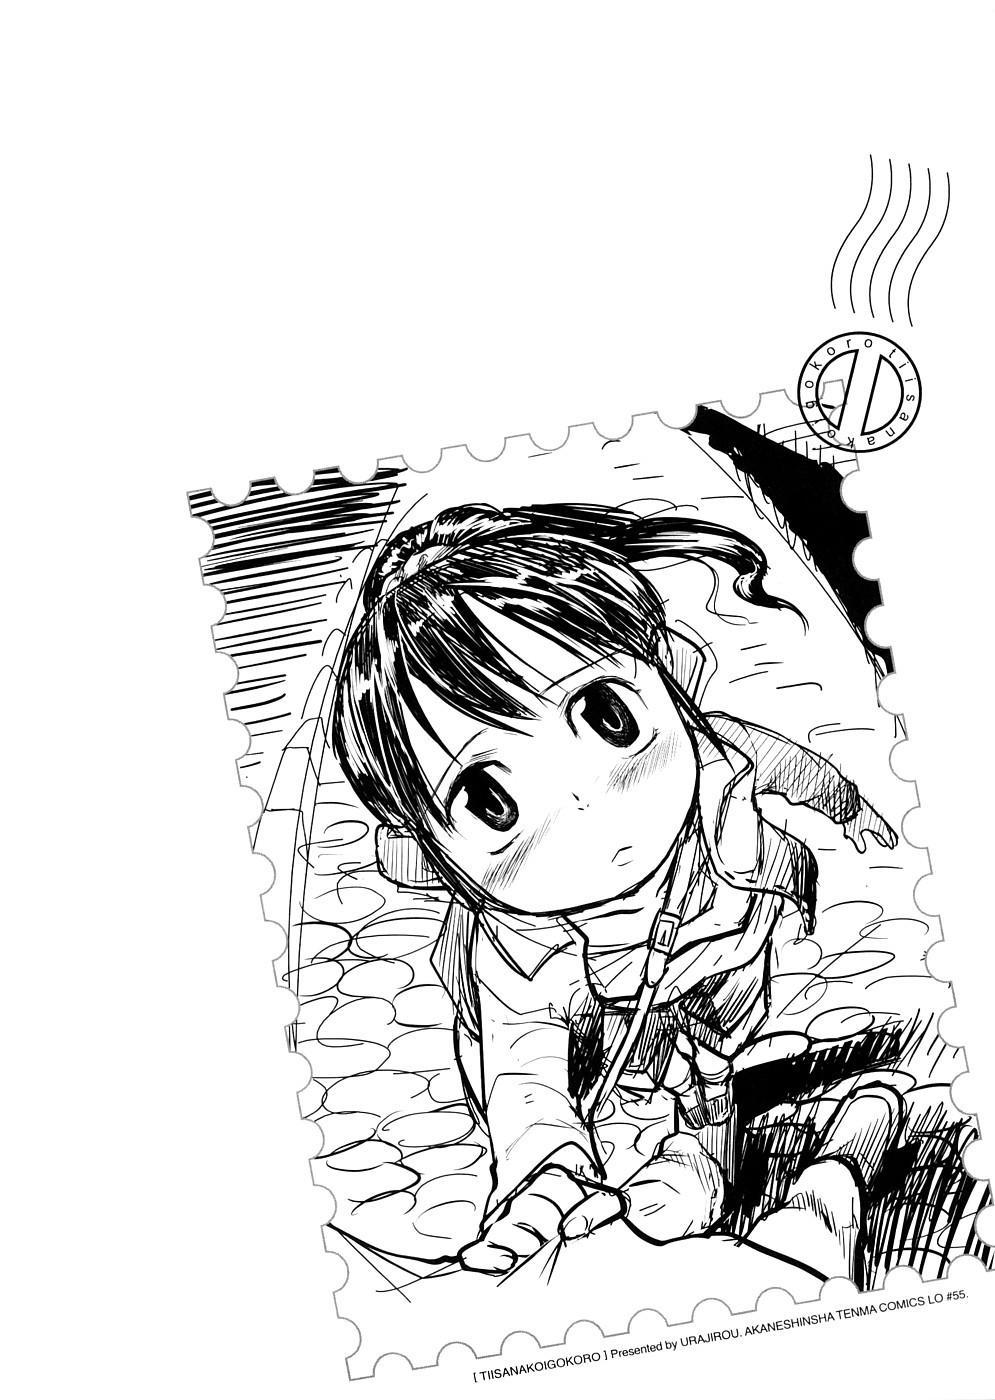 Chiisana Koigokoro 69